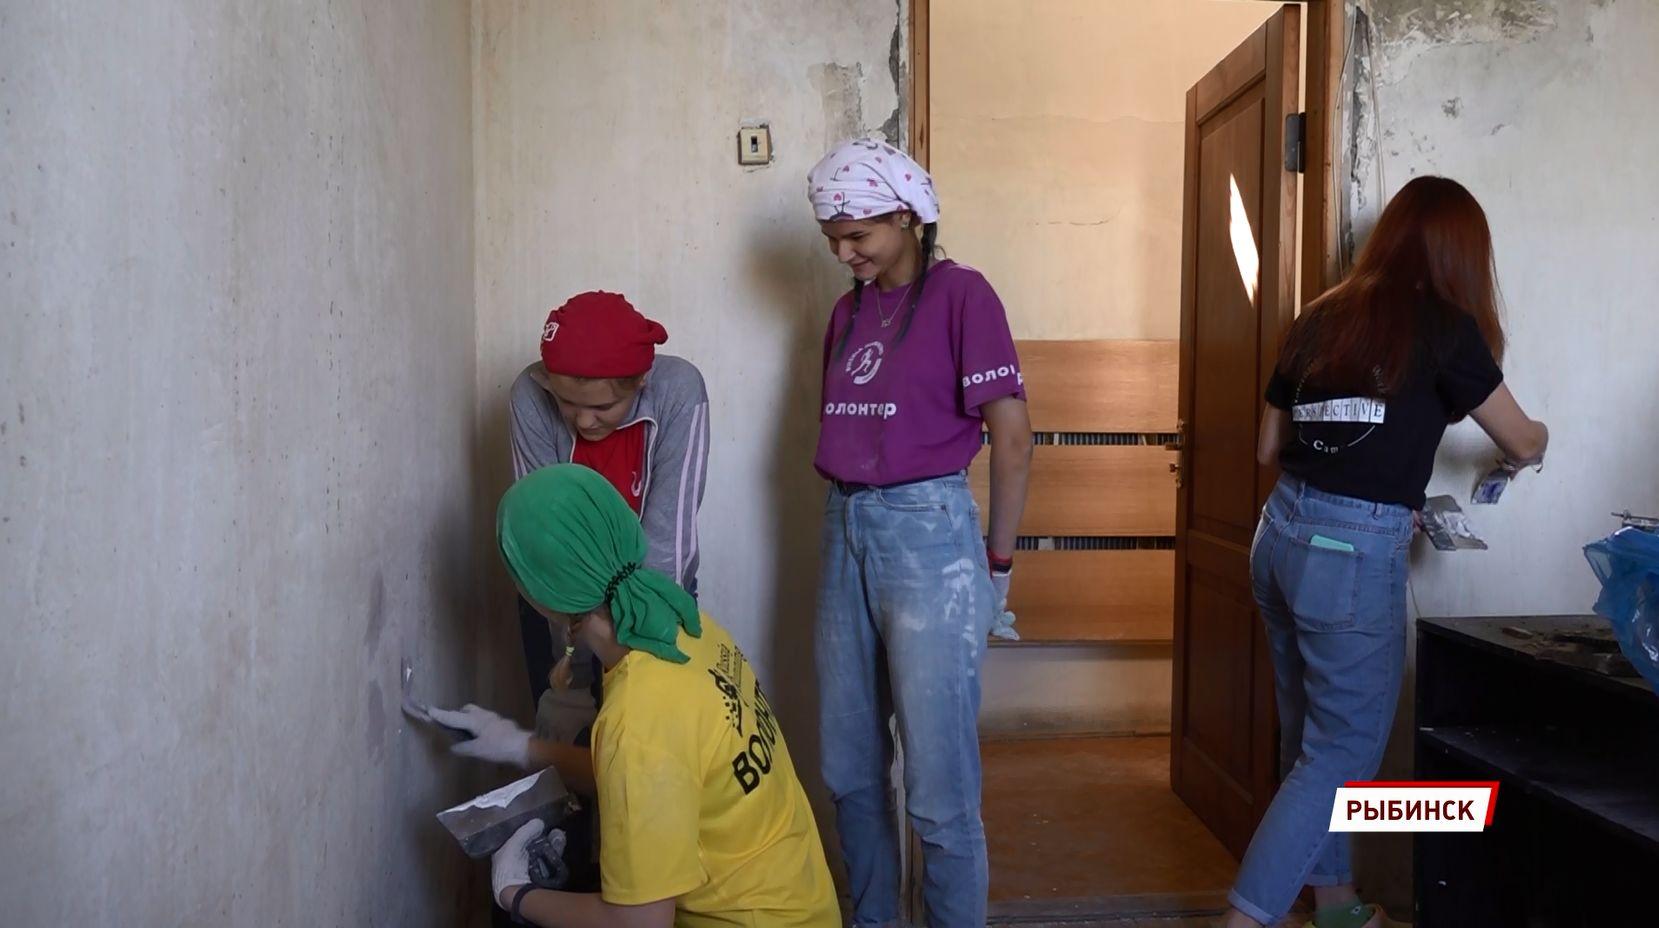 В Рыбинске ремонтом социальных объектов занимается молодежная трудовая бригада